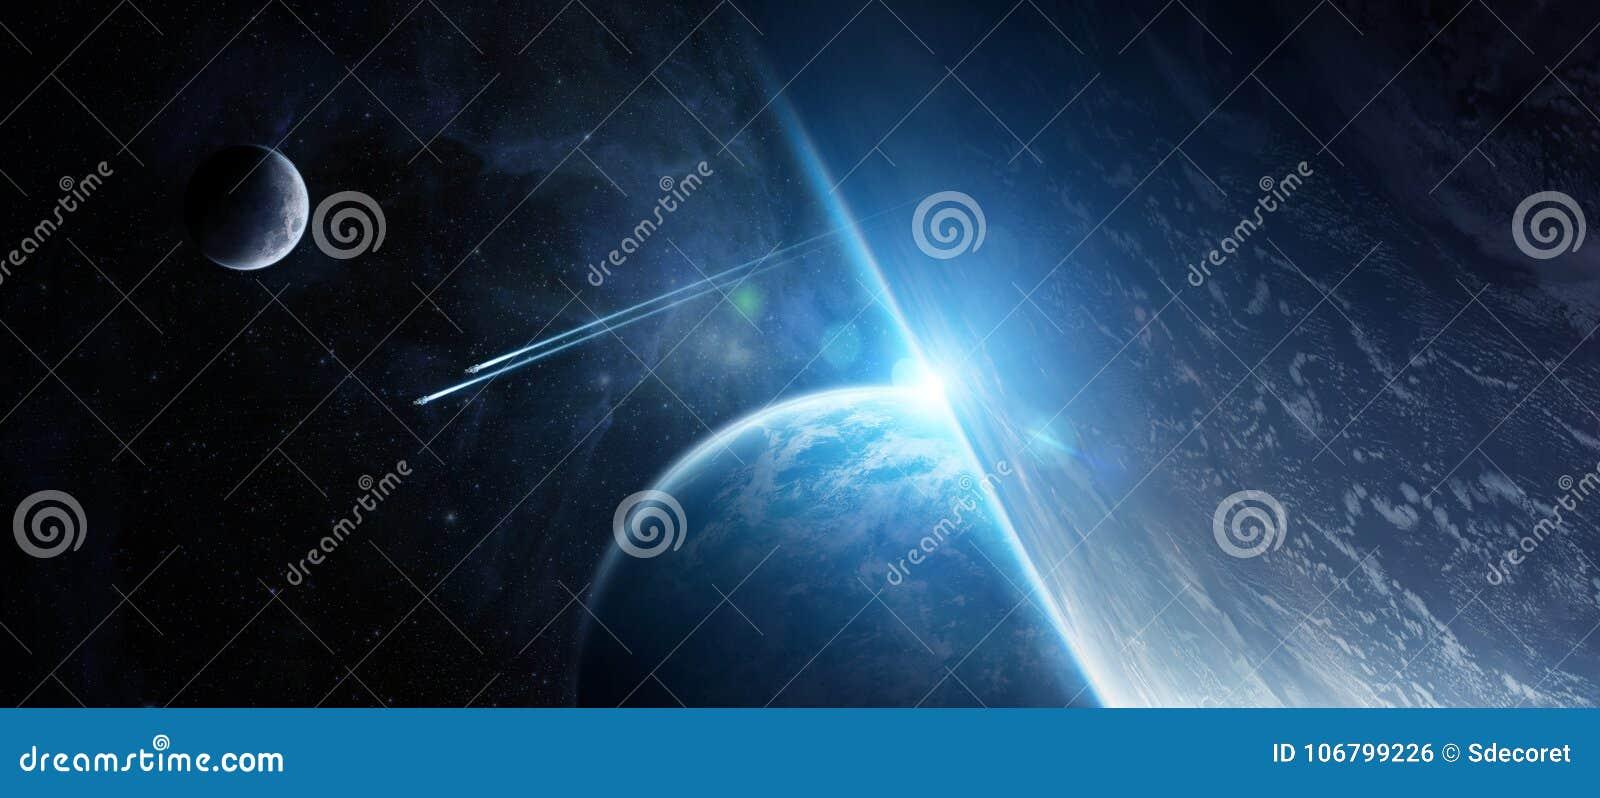 Salida del sol sobre sistema distante del planeta en el elemento de la representación del espacio 3D